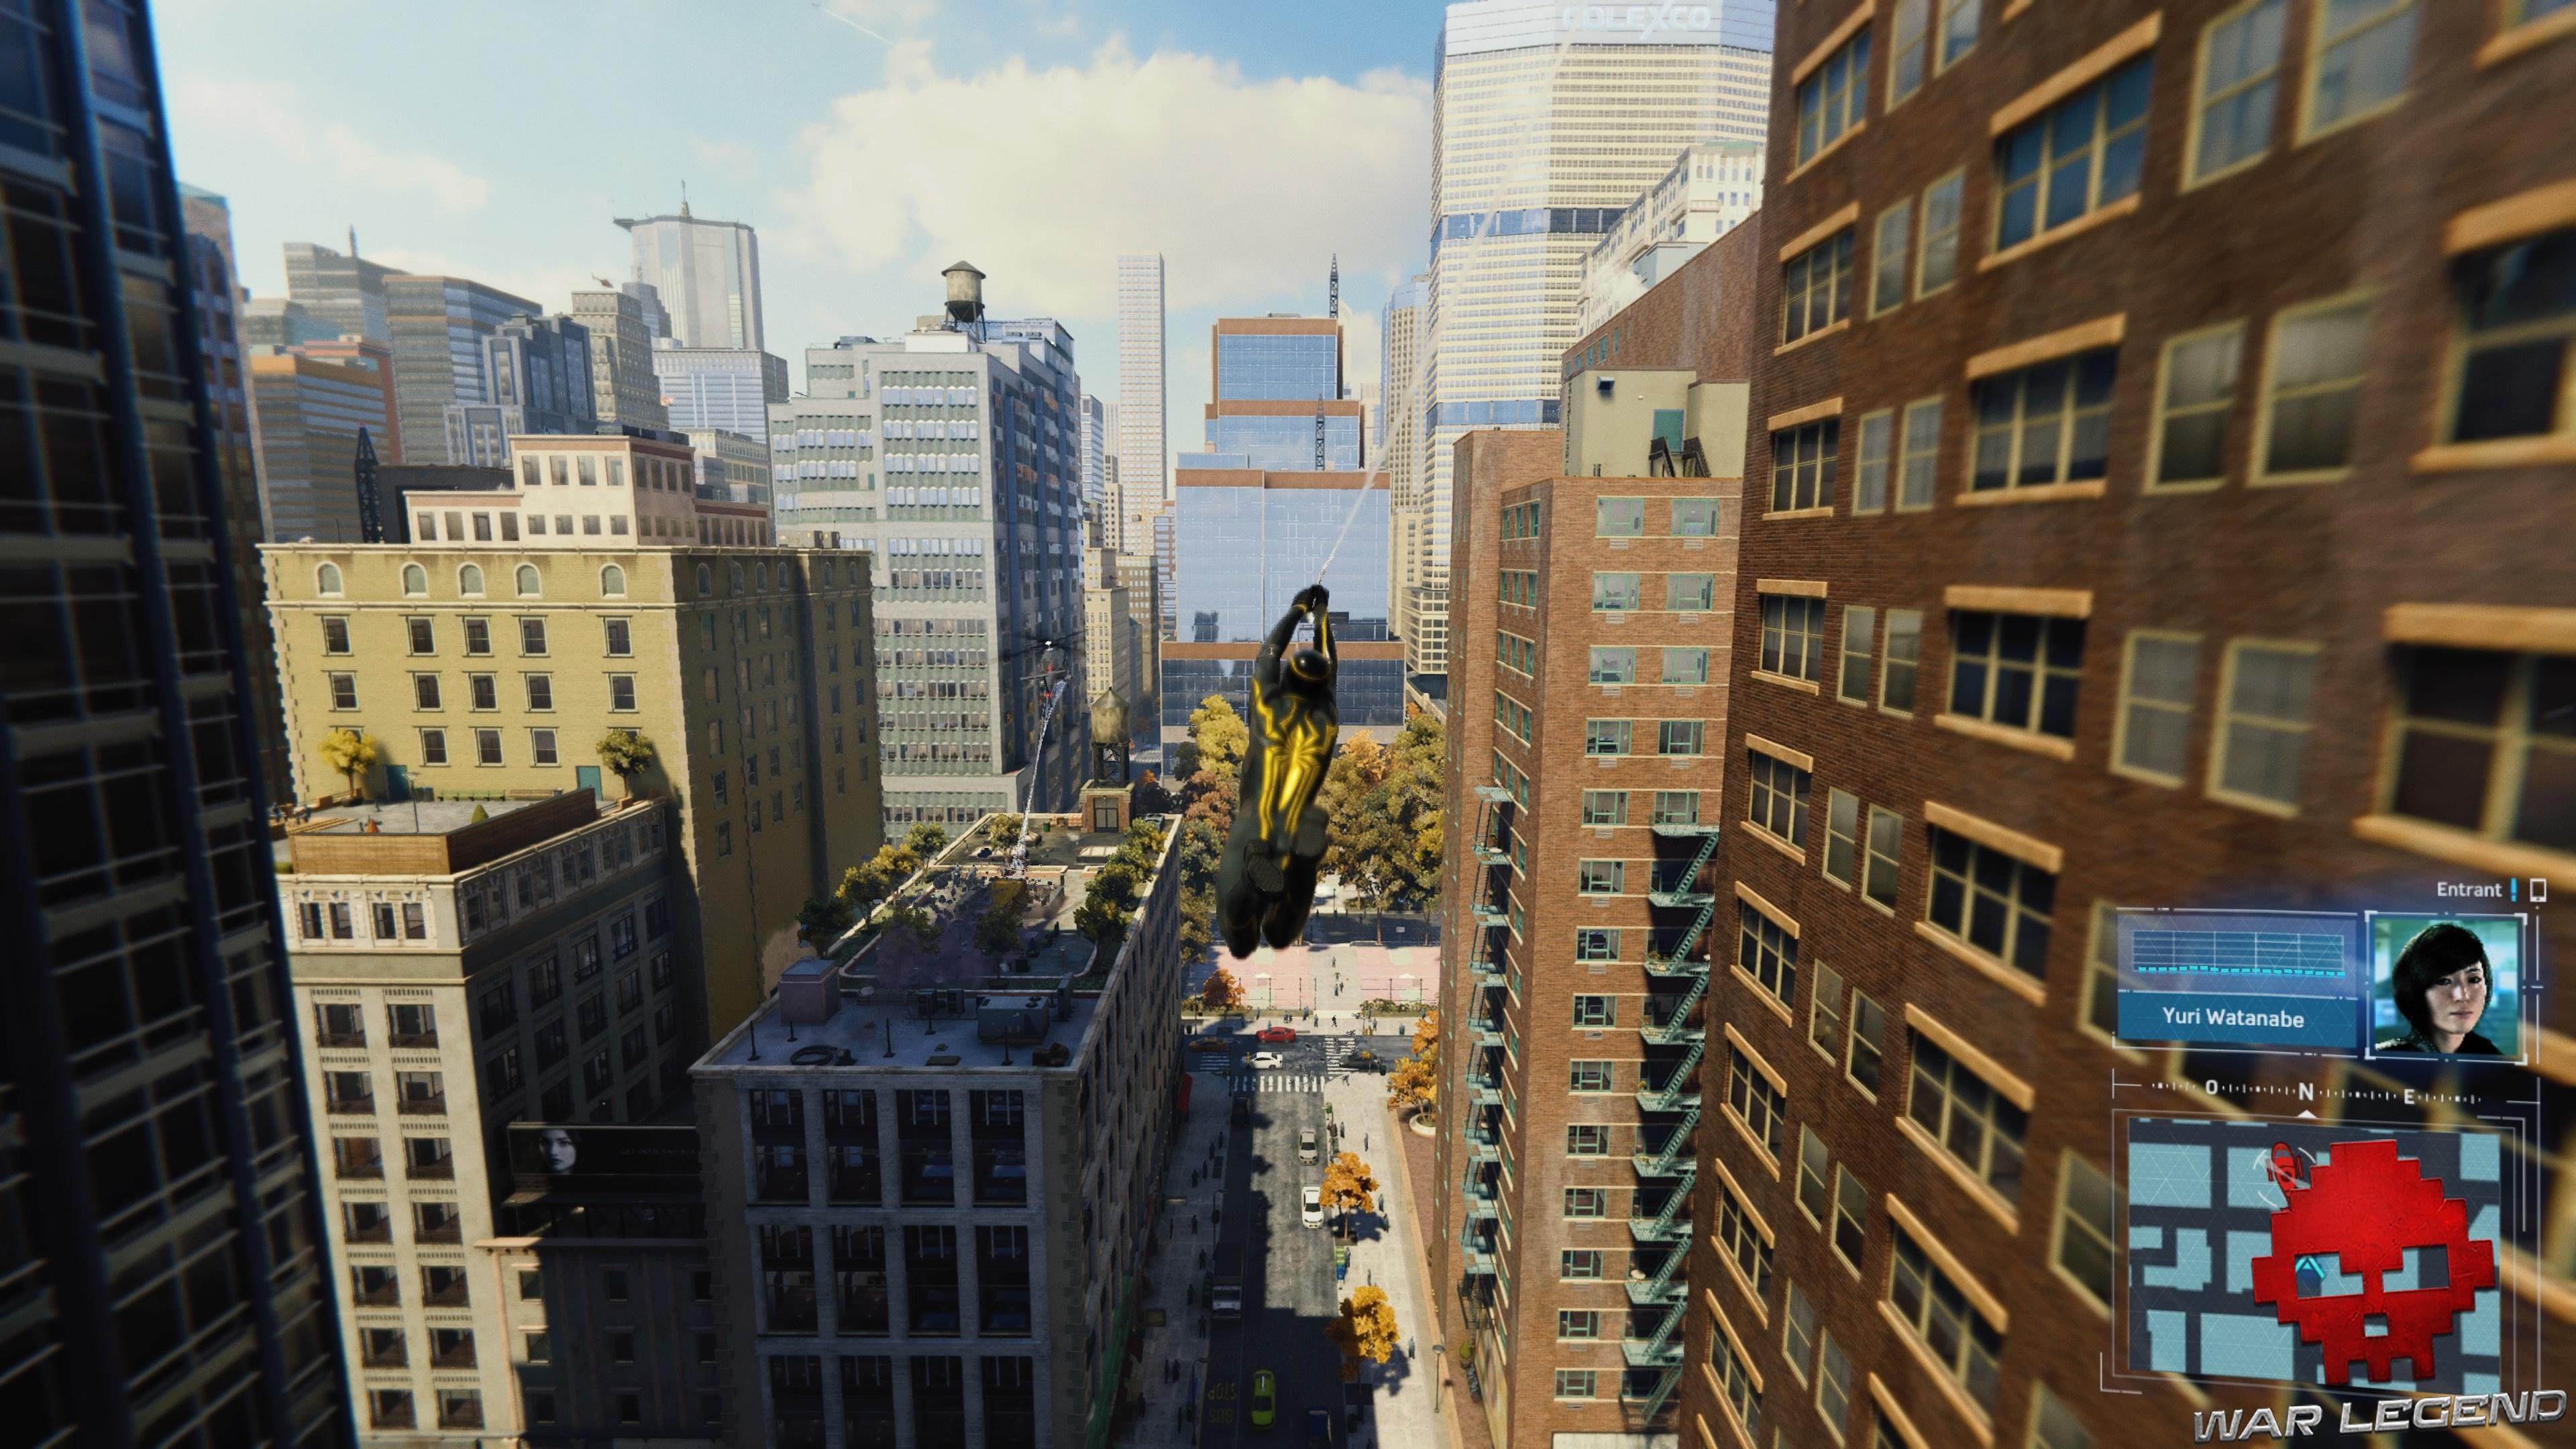 Vignette solution spider-man le feu aux poudres Spiderman se balance au dessus de New York